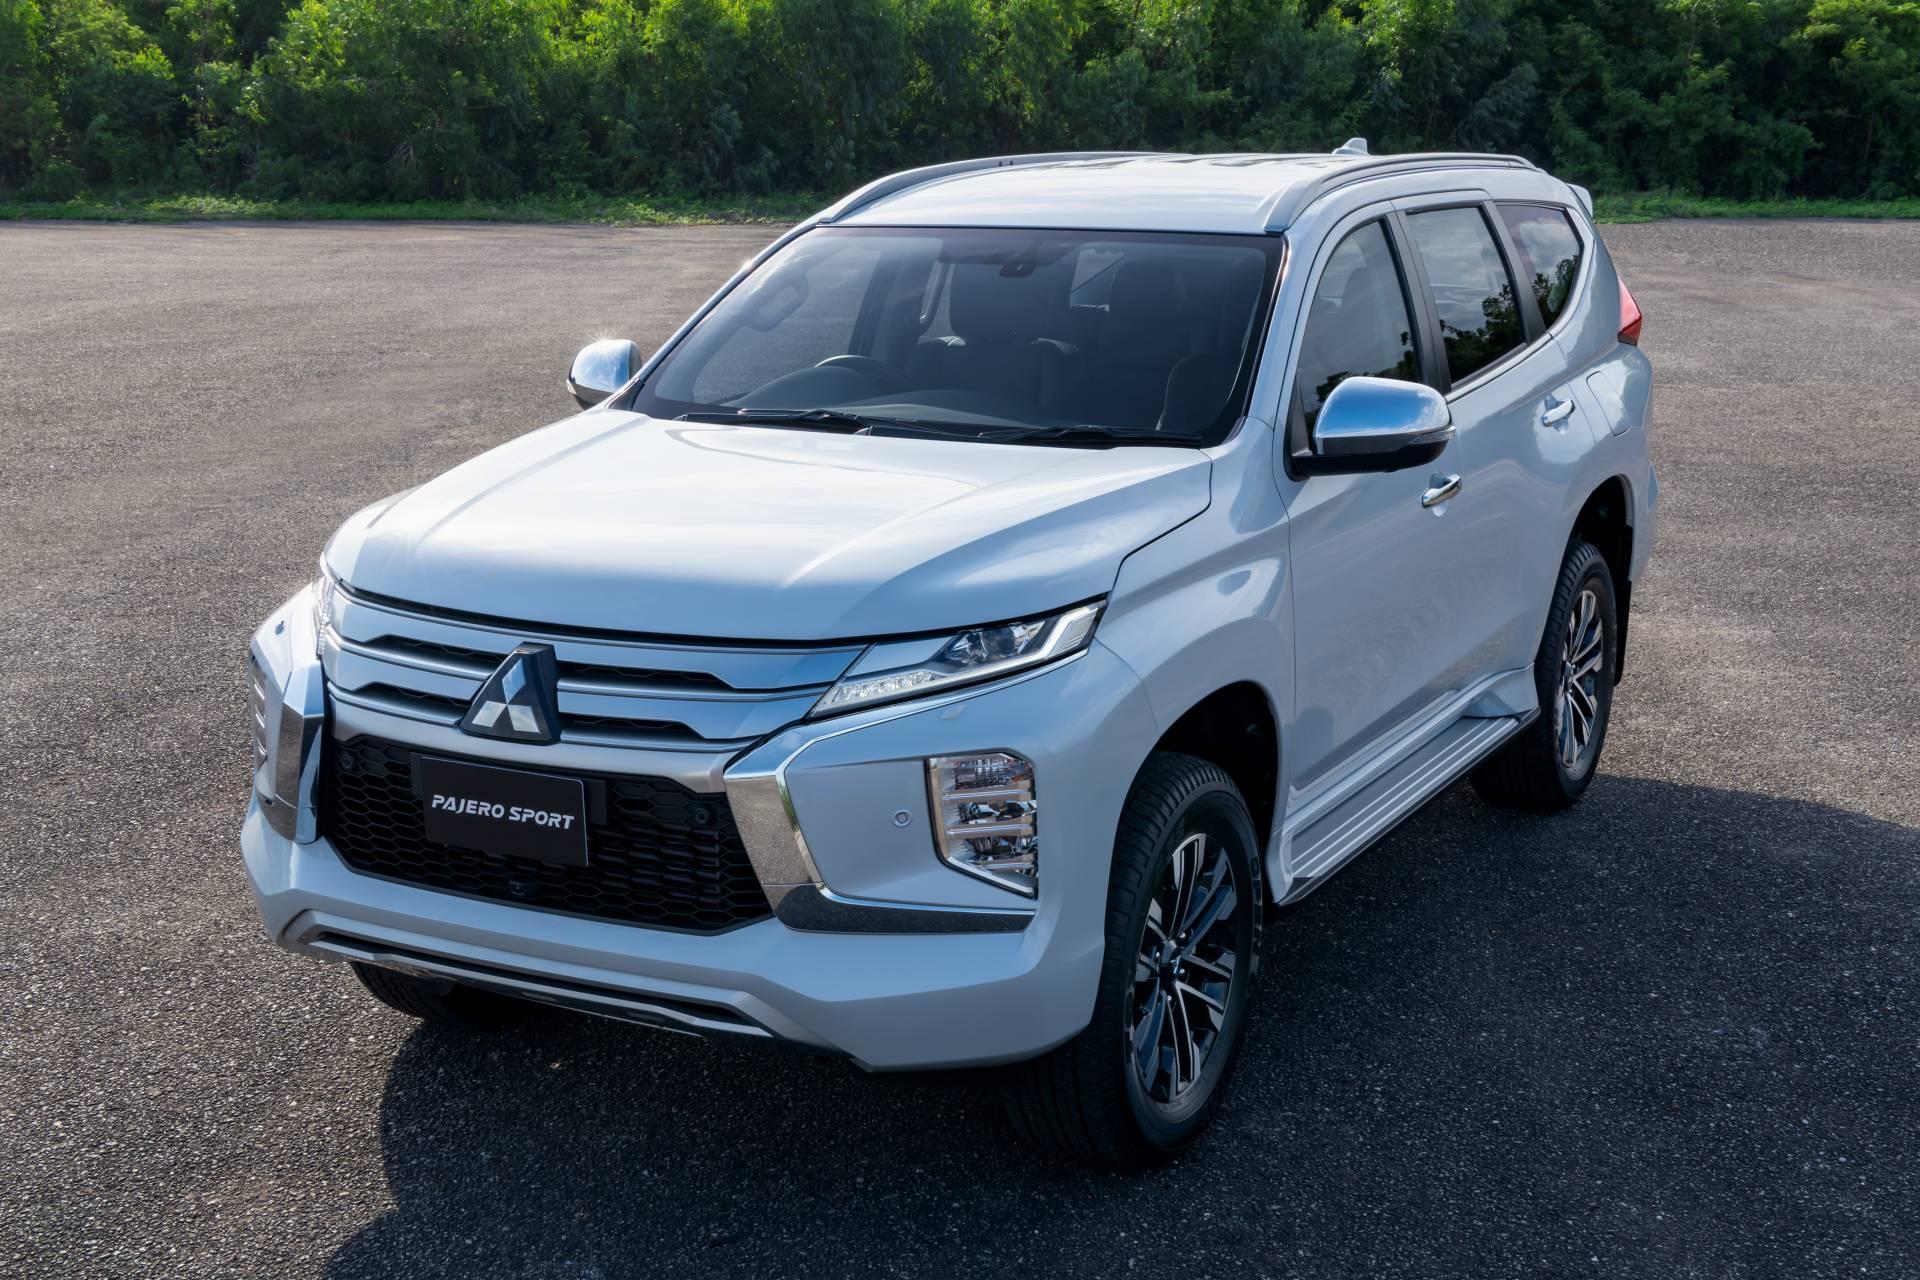 Mitsubishi Pajero Sport 2022